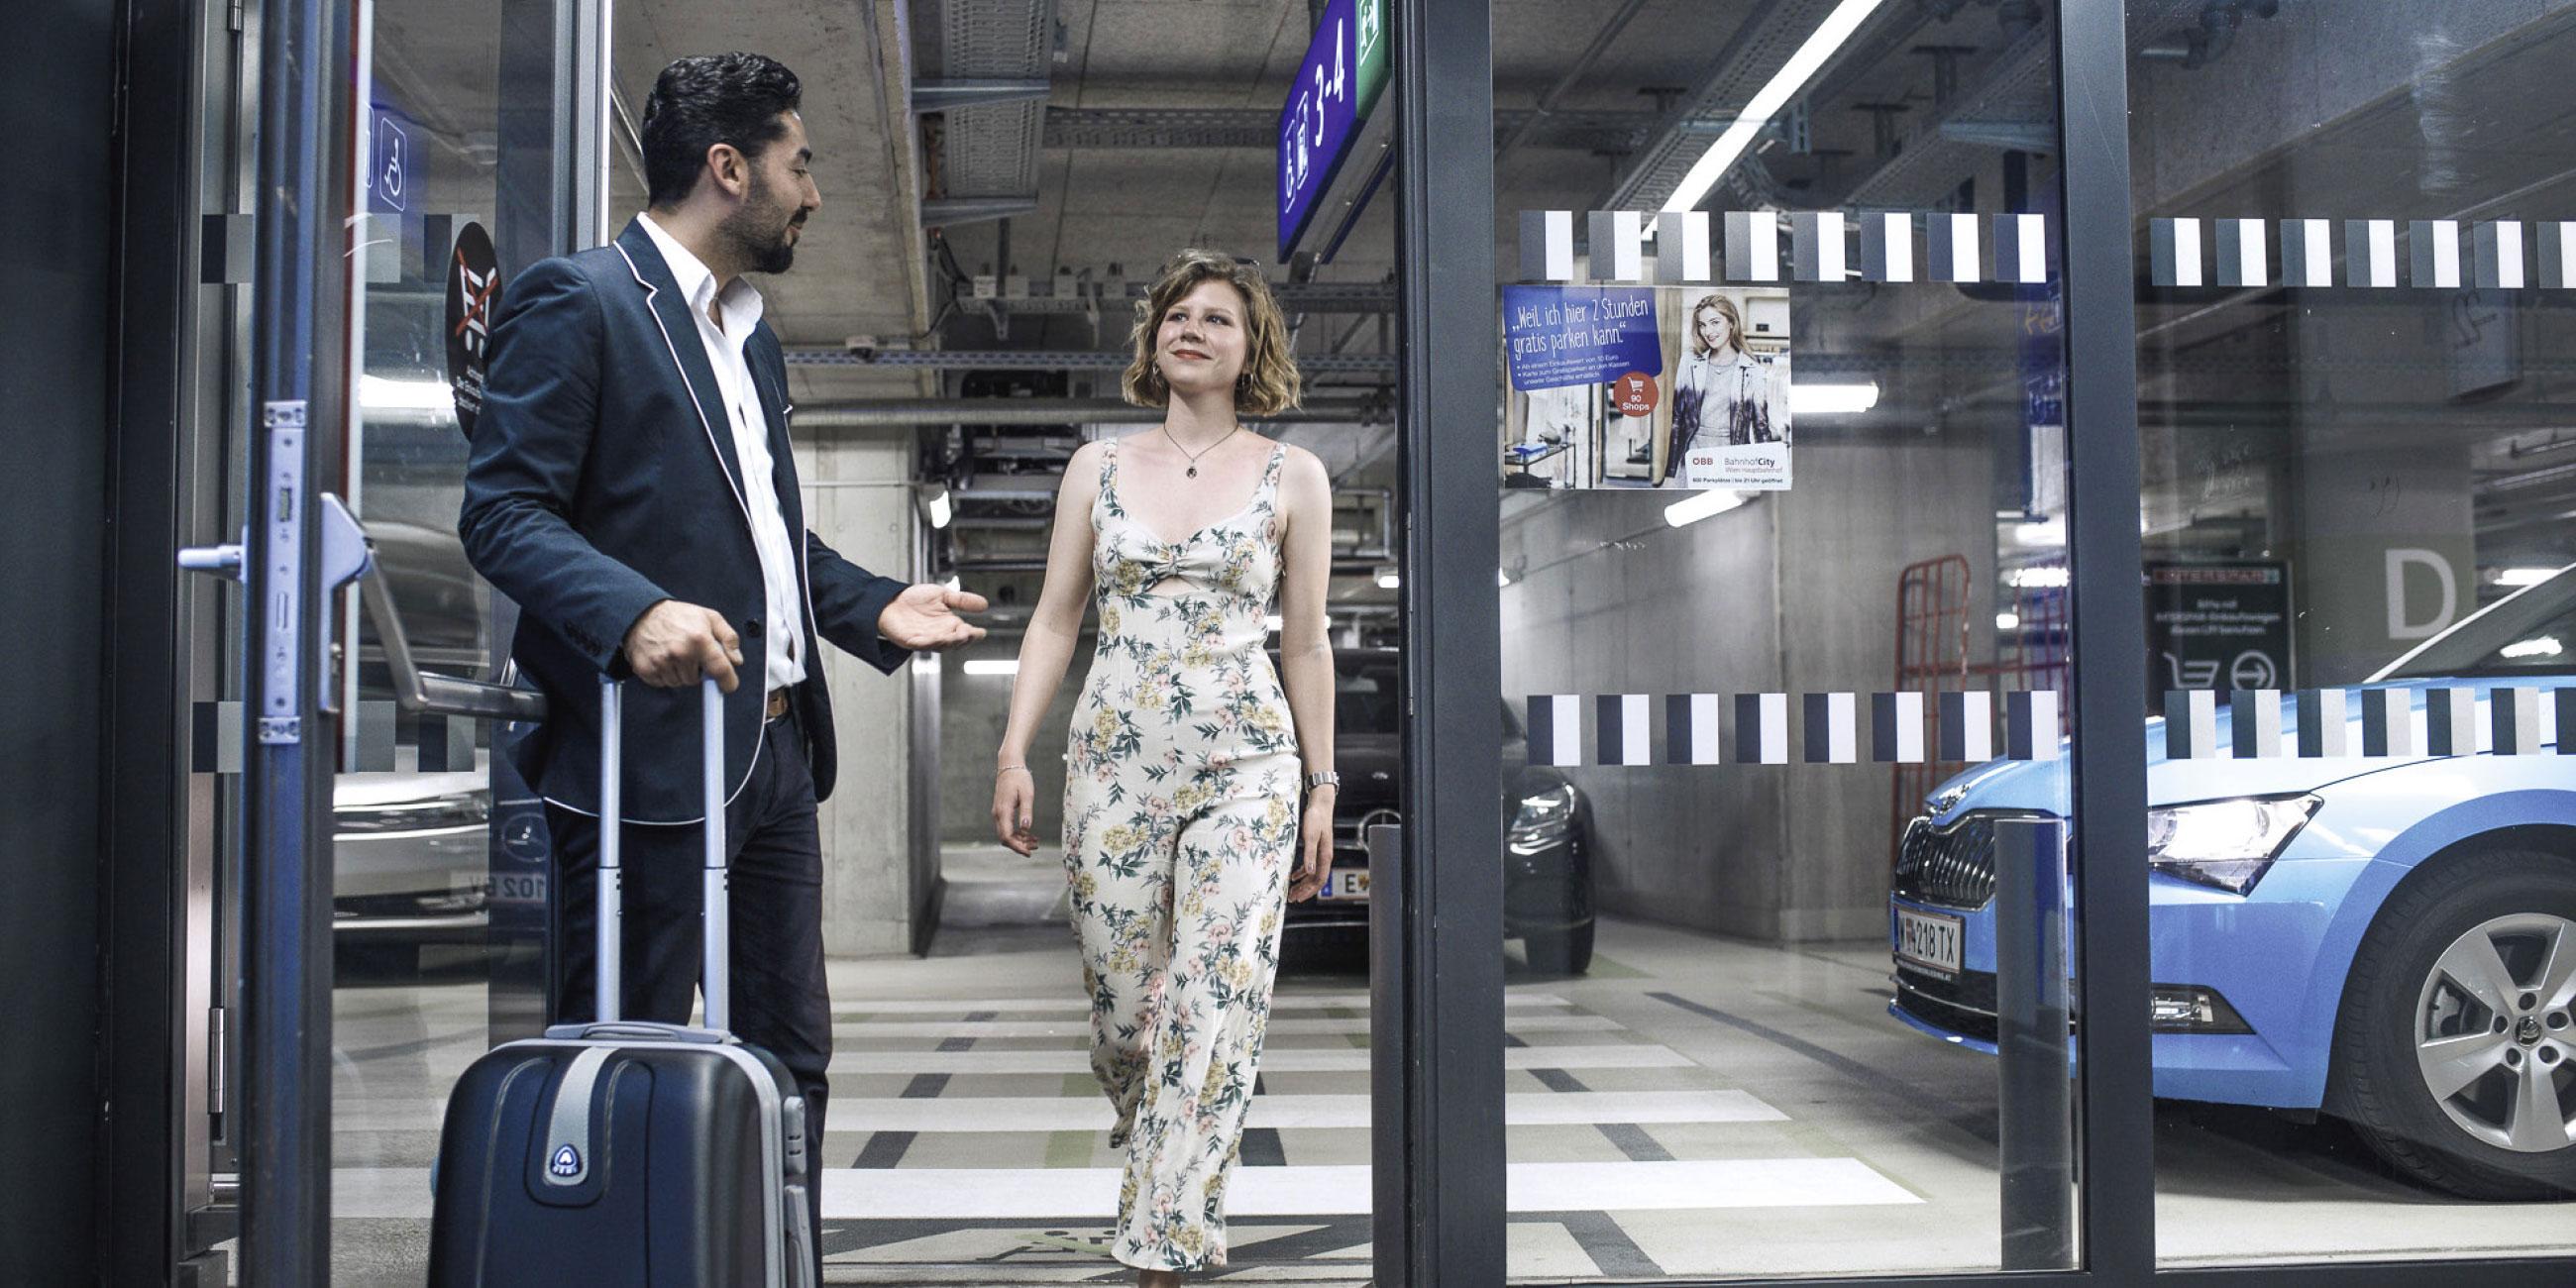 Der TaxiPlus Lenker hält einer jungen Frau am Hauptbahnhof die Tür auf, während er ihren Koffer trägt.